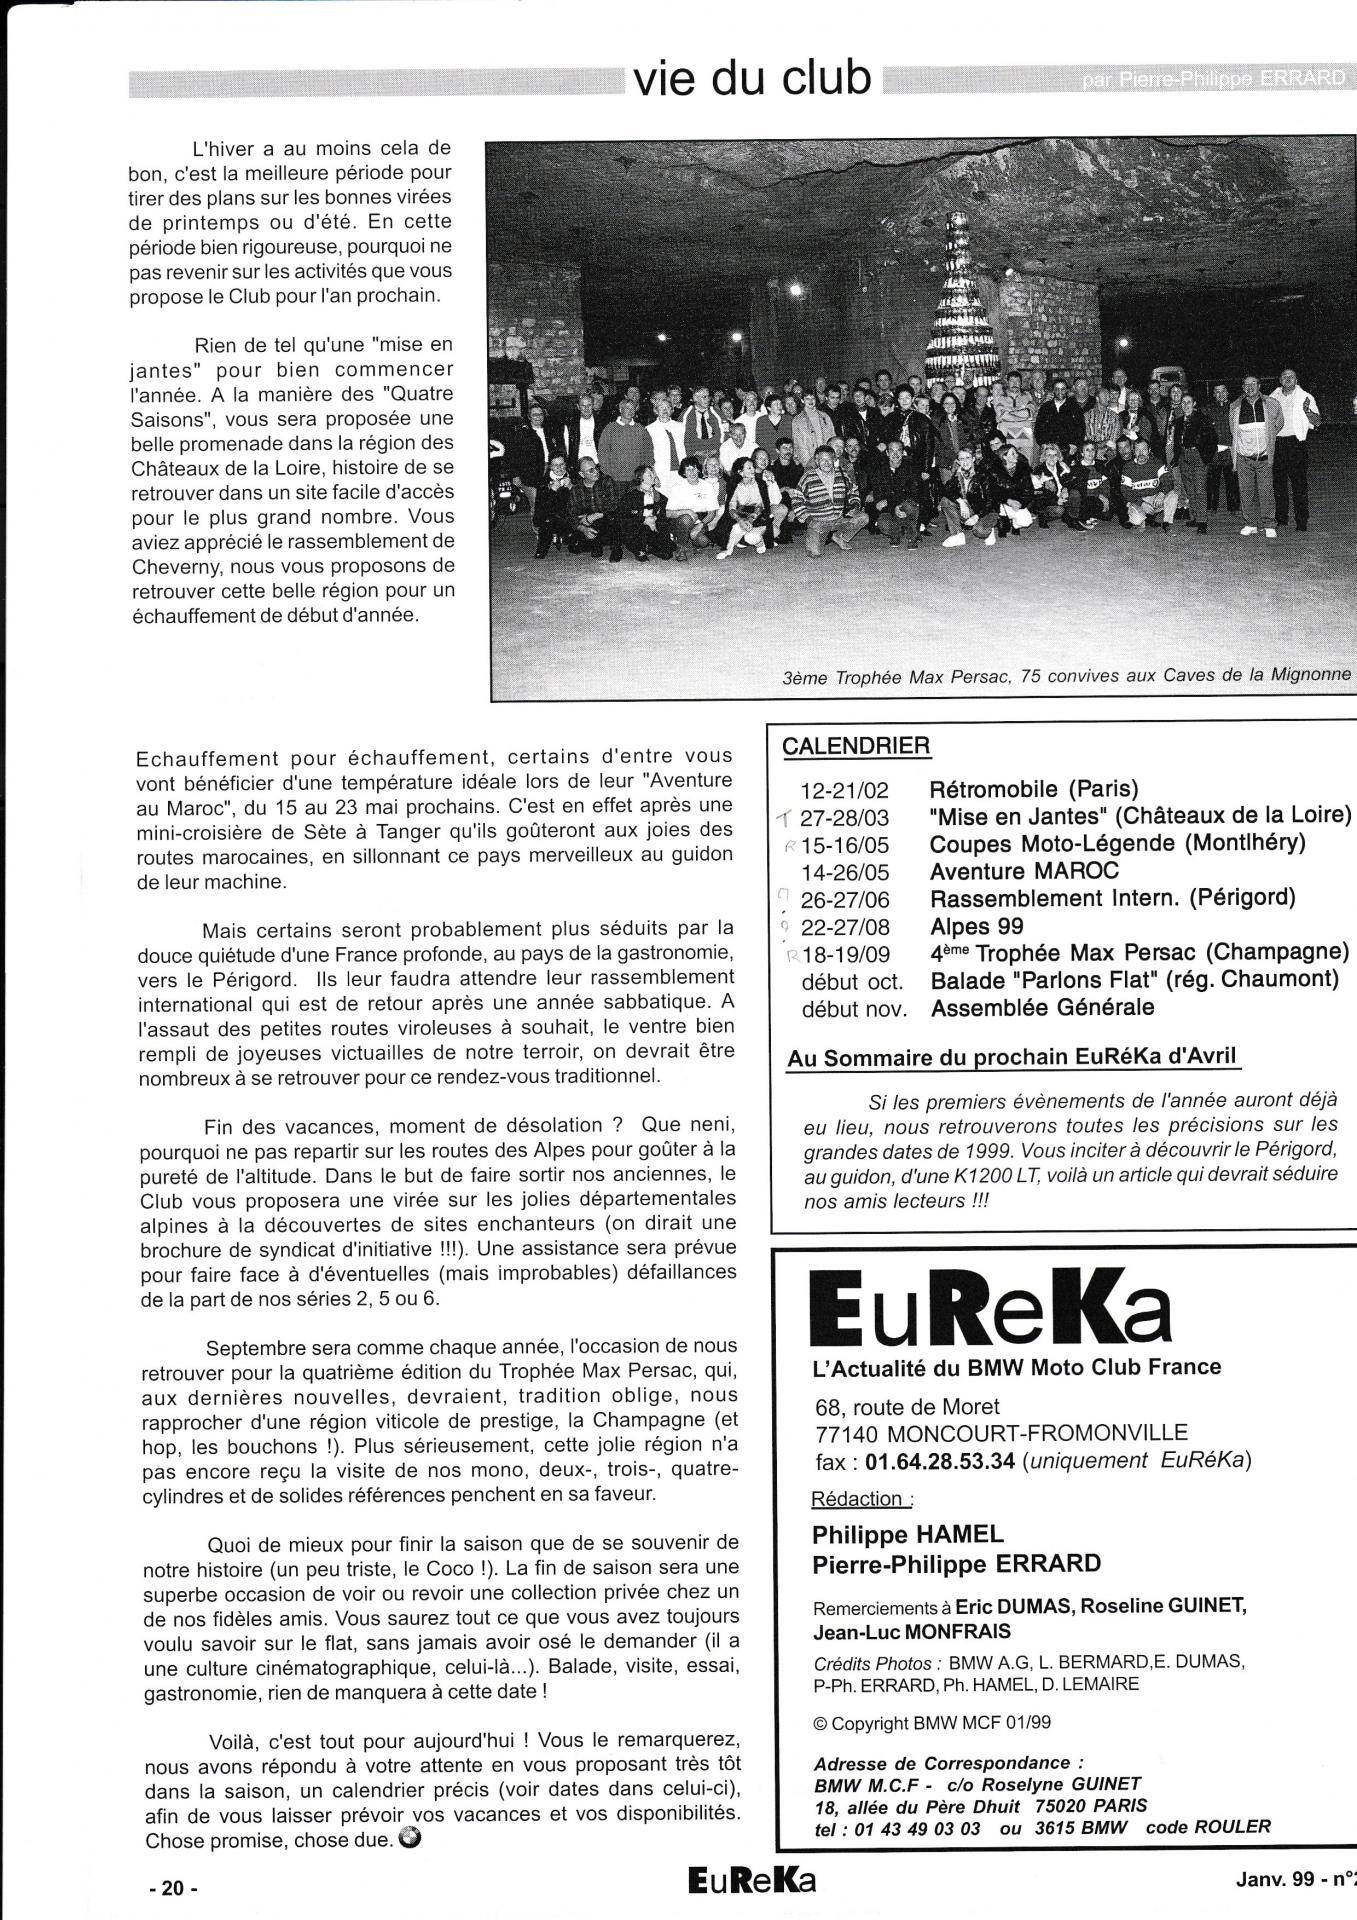 Eureka n 22 20